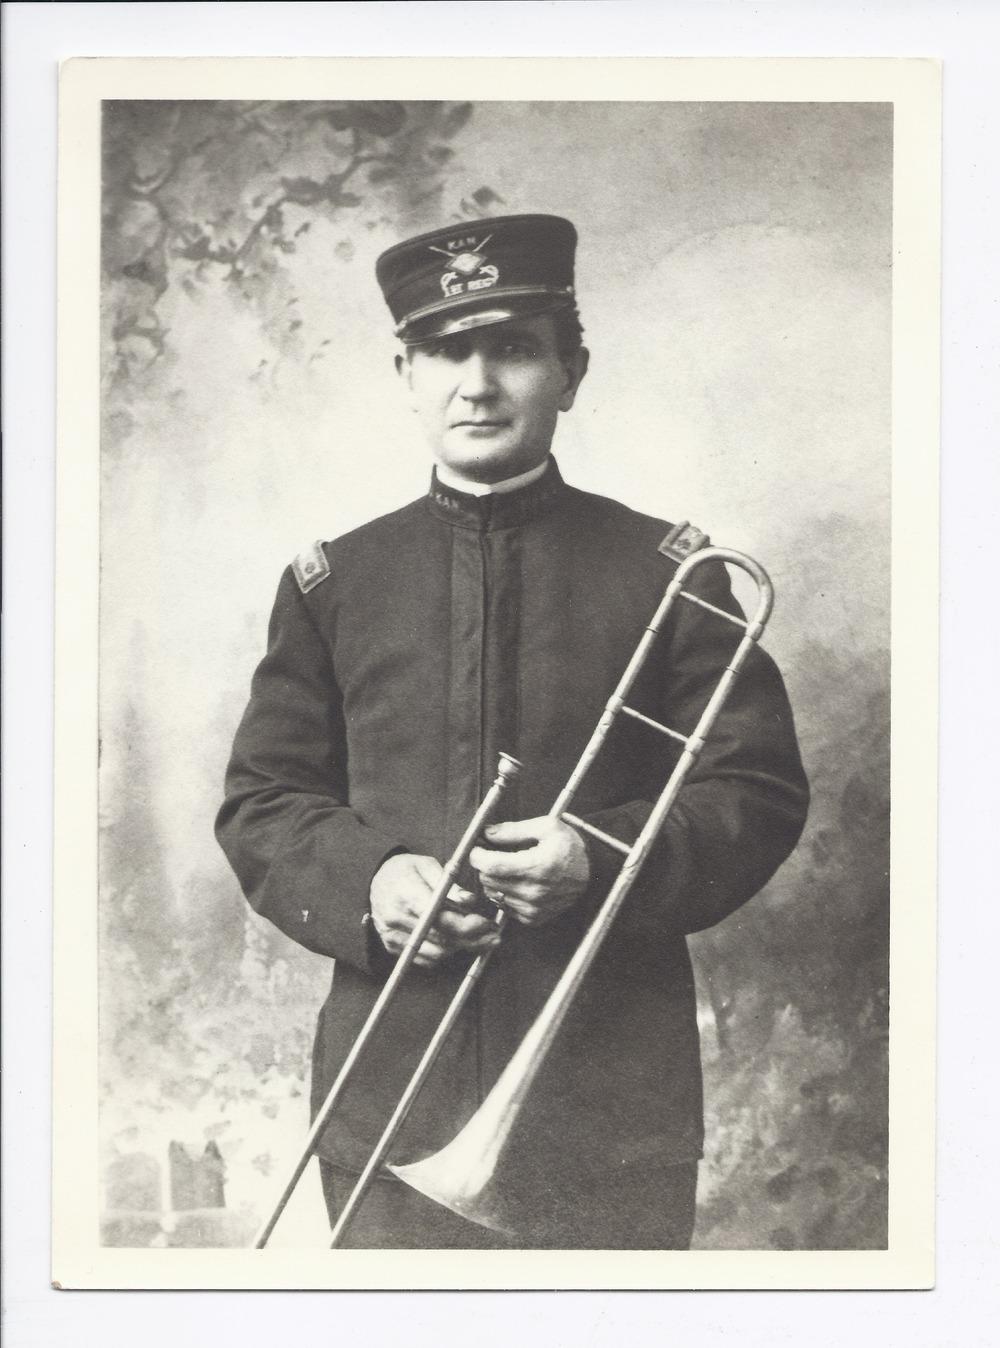 U.G. Stewart, Rossville, Kansas - 1